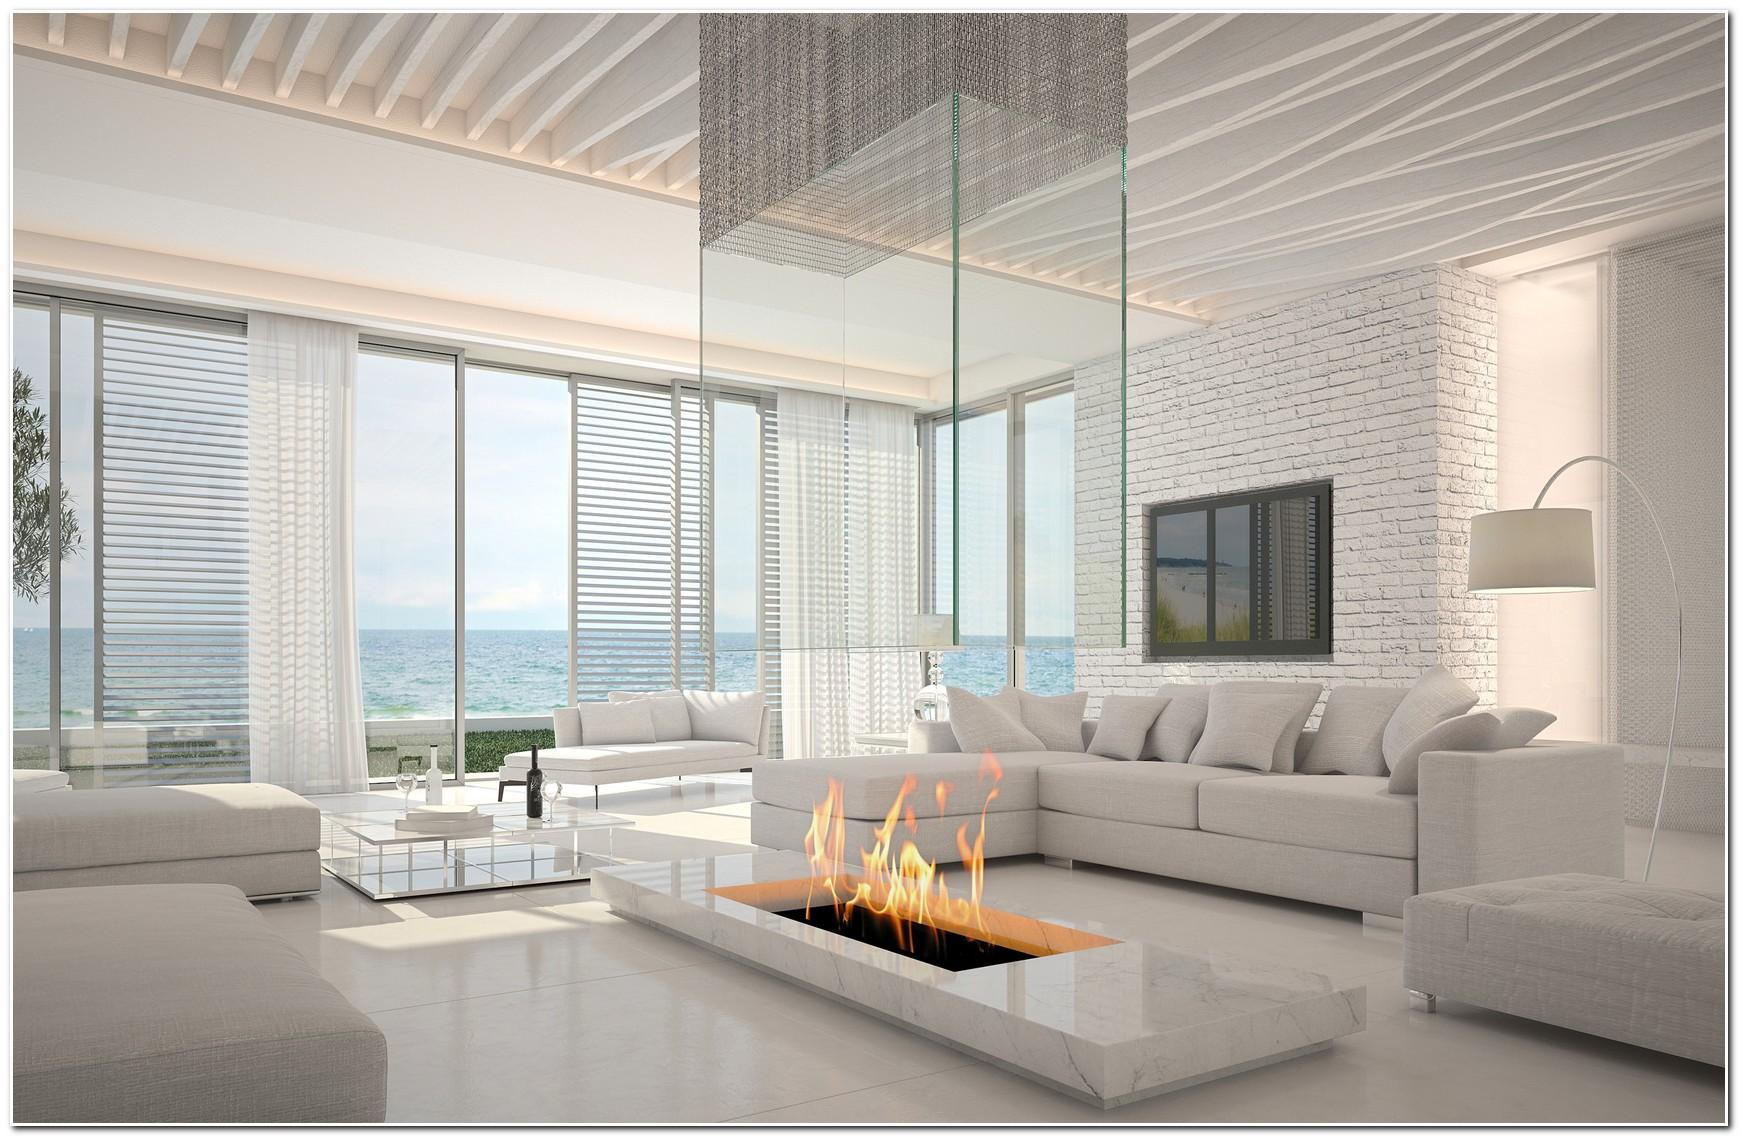 Rideaux Baie Vitrée Coulissante rideaux pour baie vitrée salon - rideau : idées de